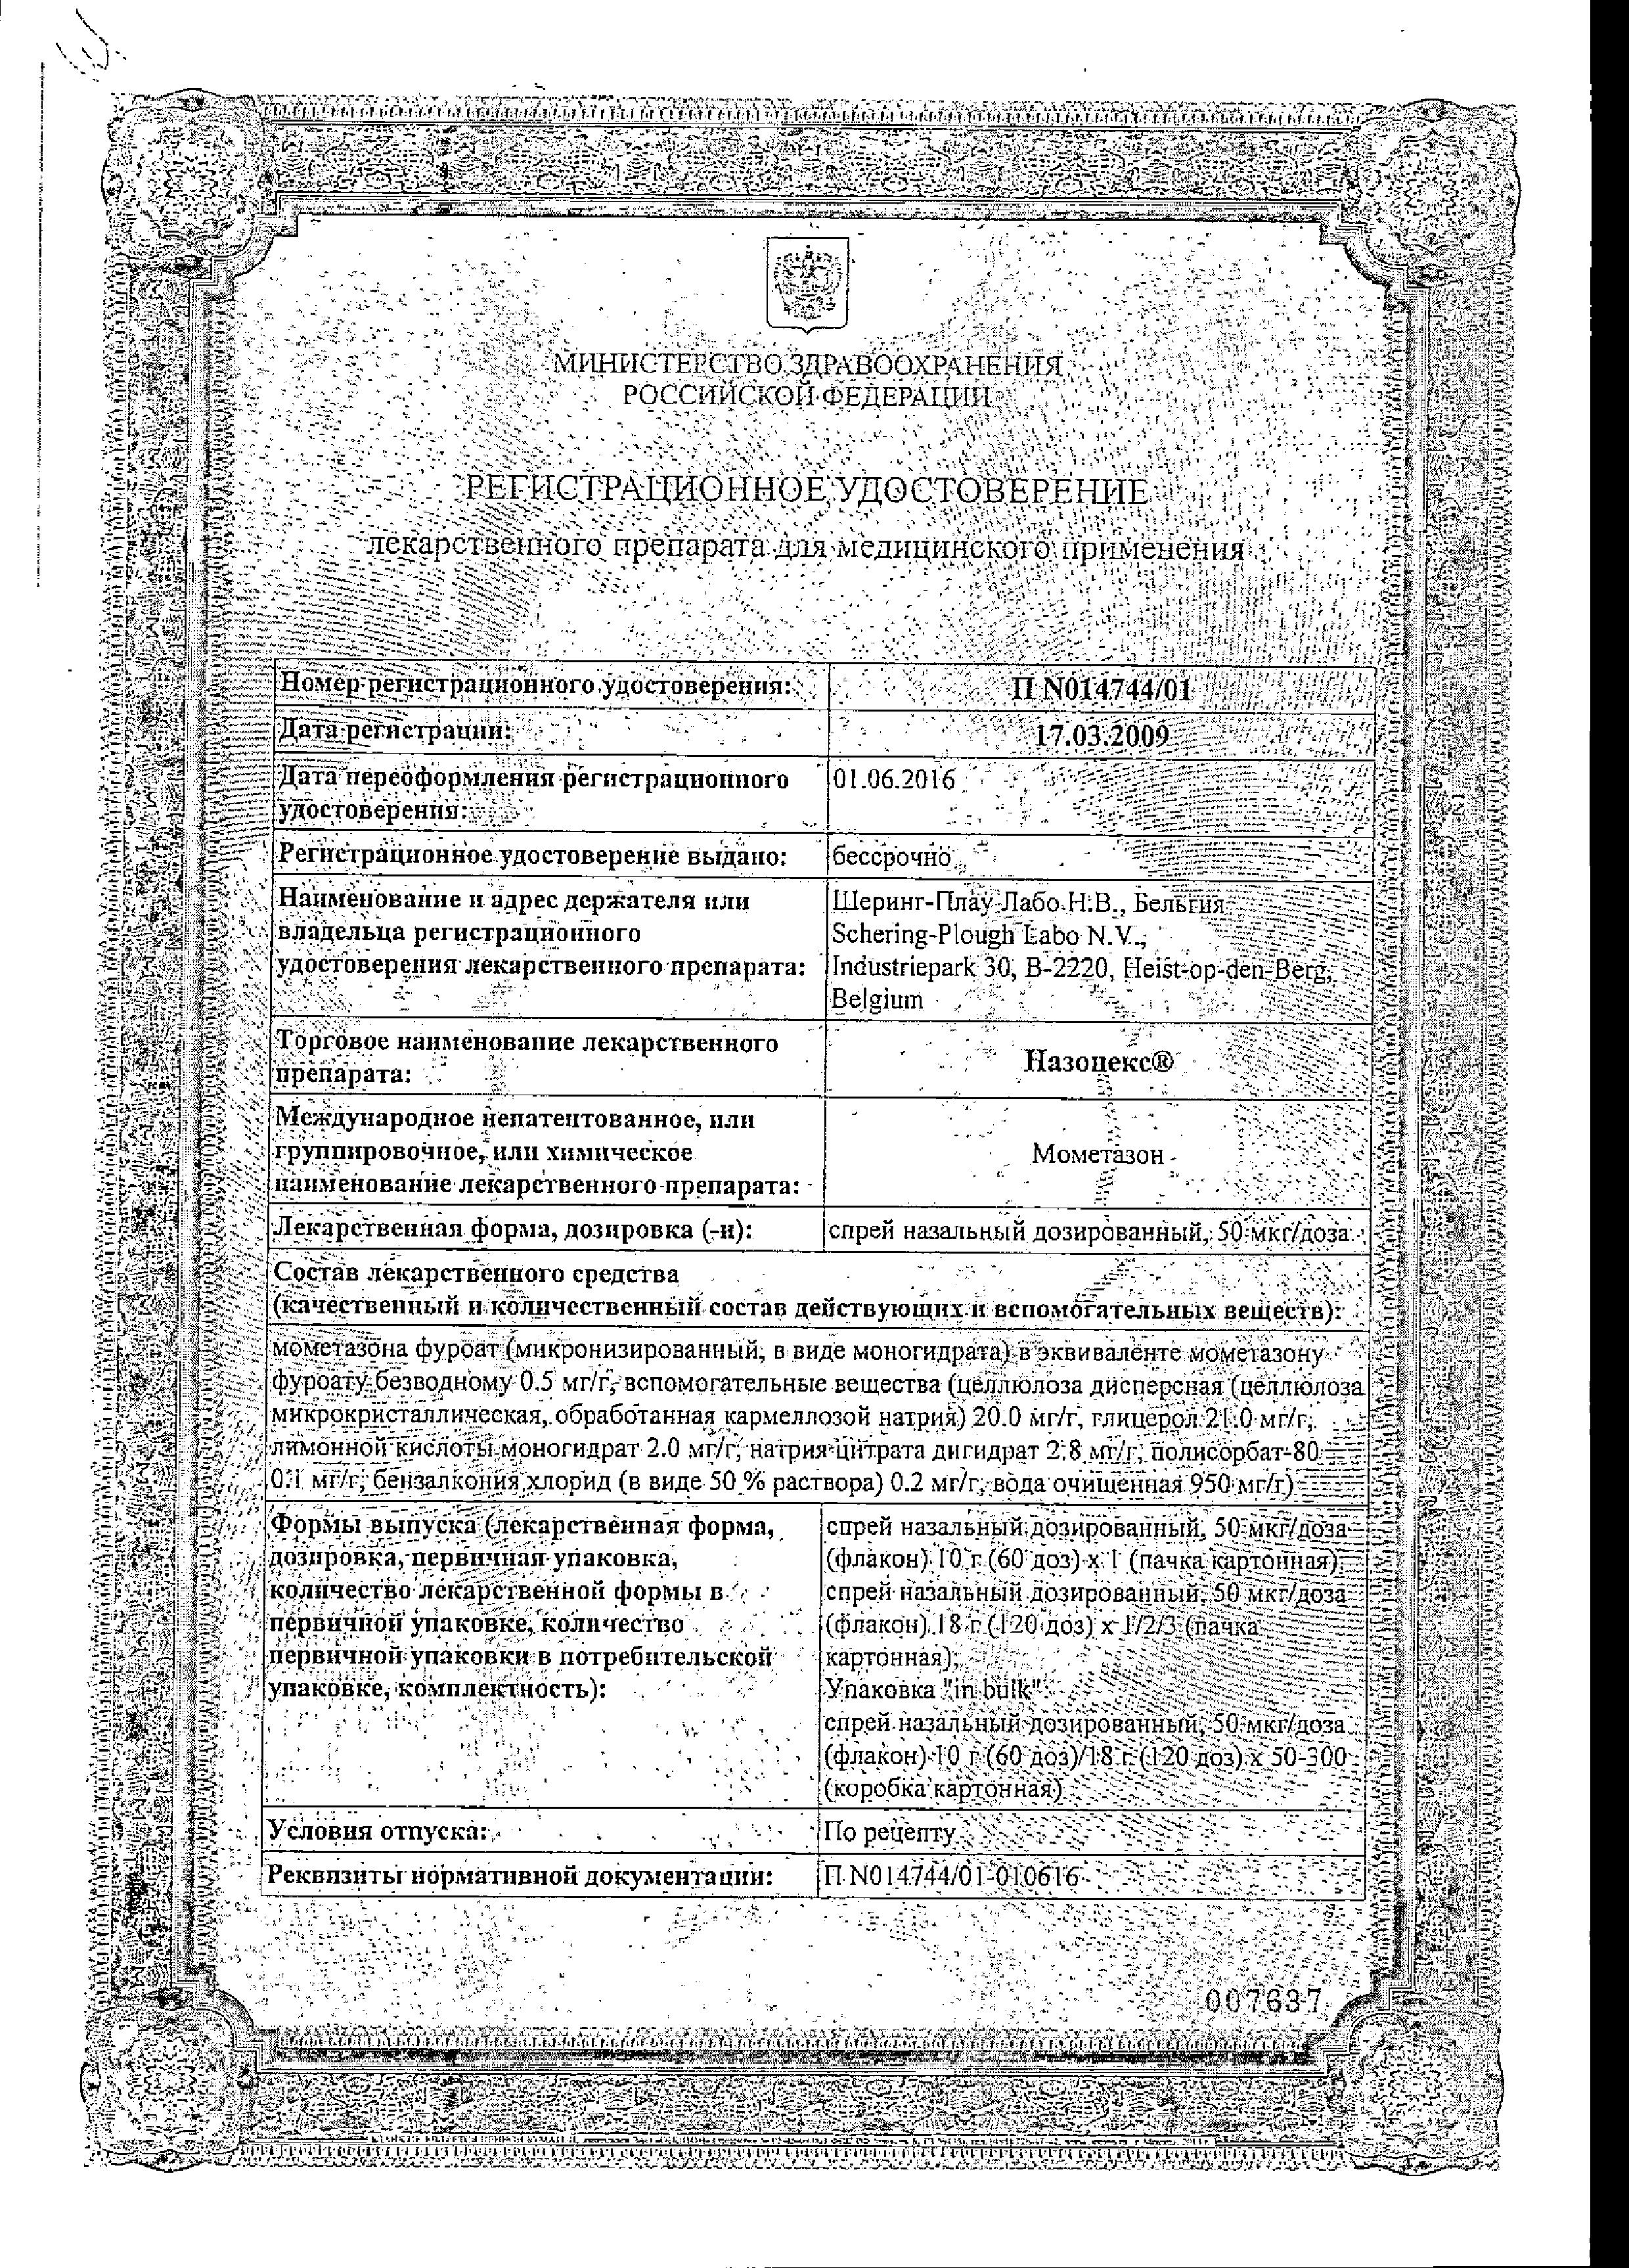 Назонекс сертификат